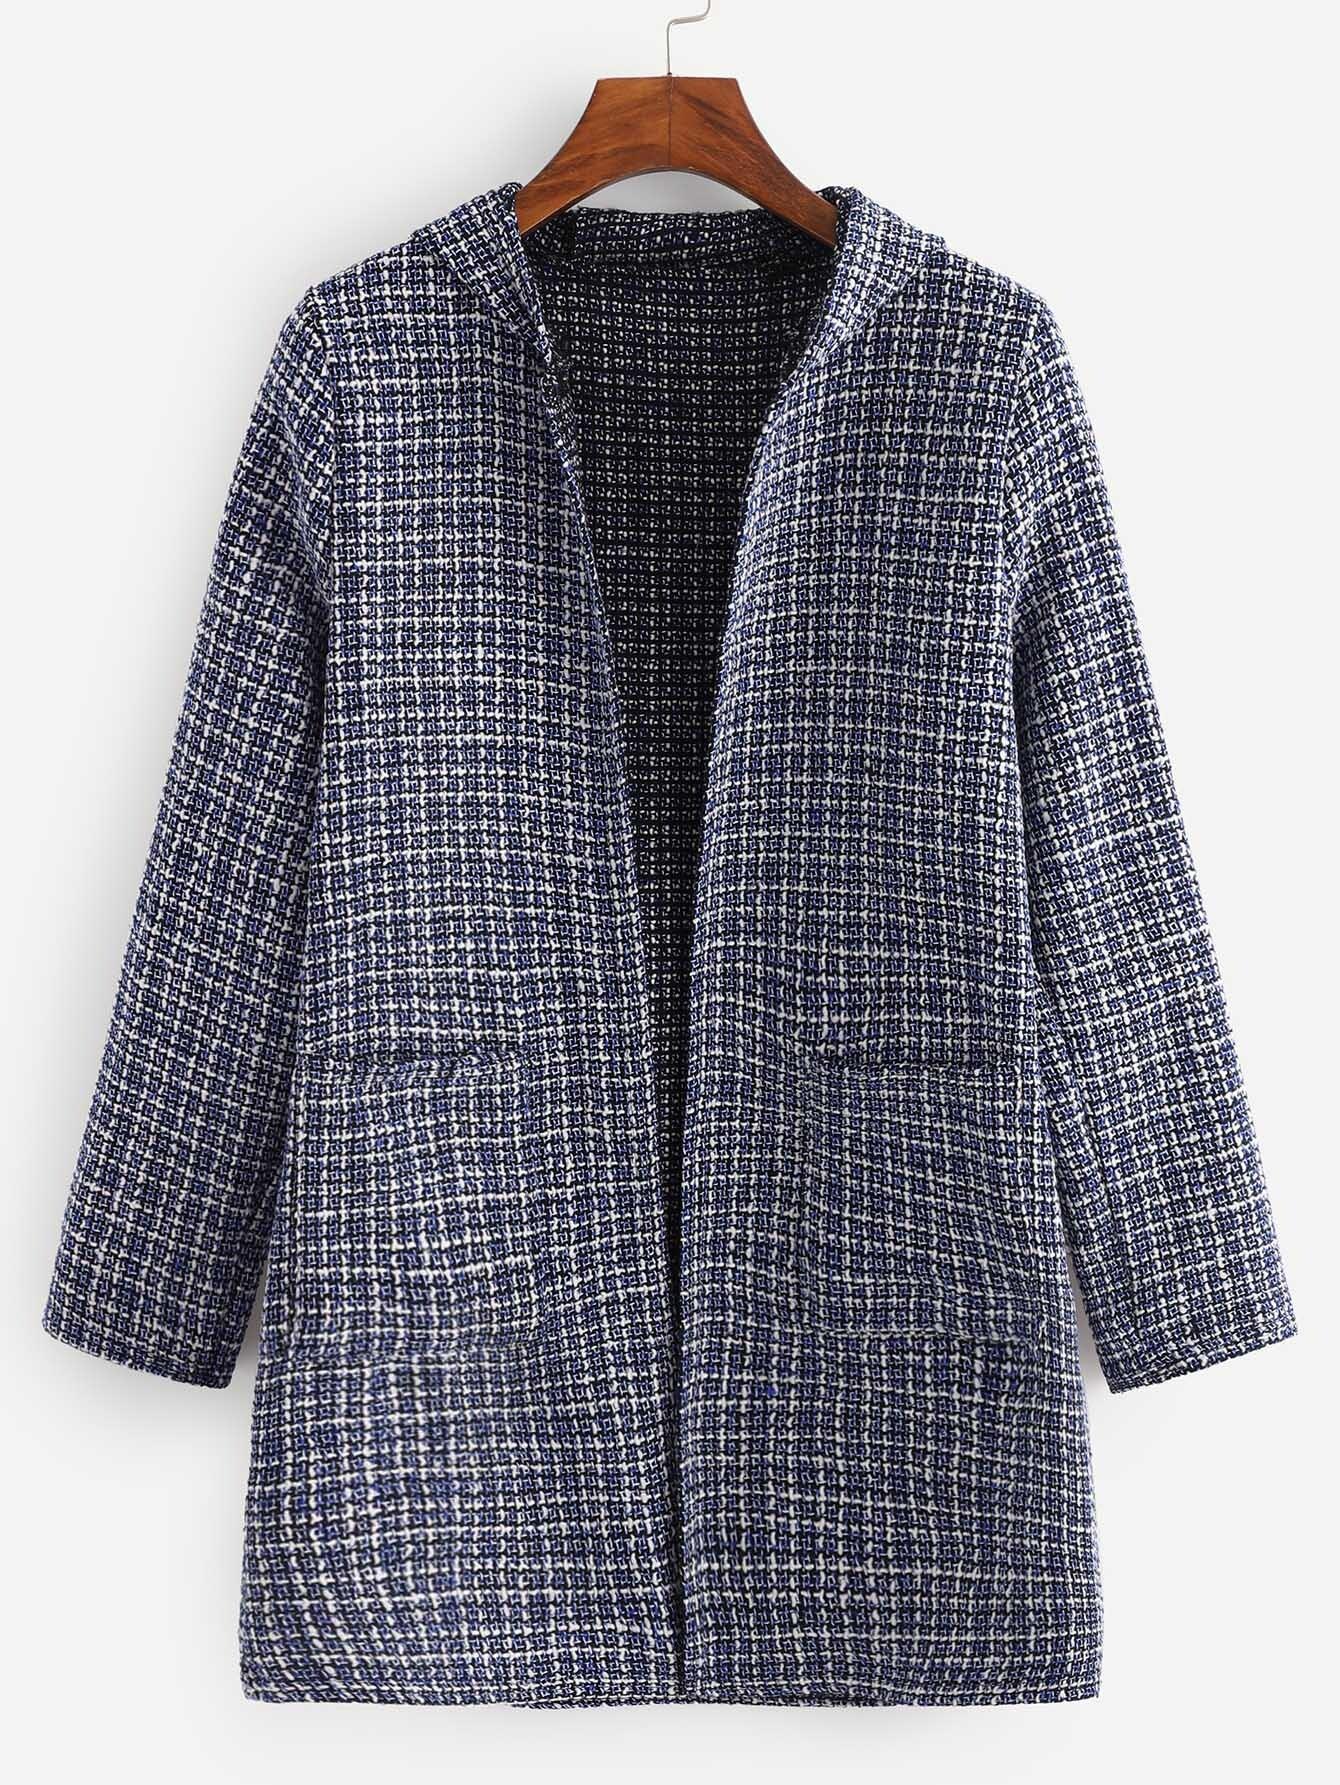 Купить Пальто с капюшоном и карманами из твида, null, SheIn